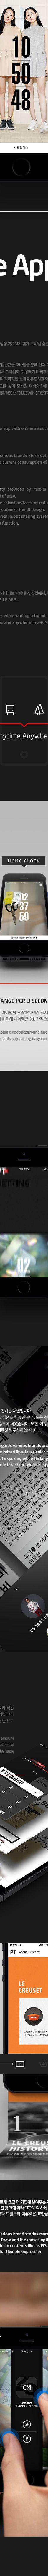 Select Shop '29CM' iOS App on Behance